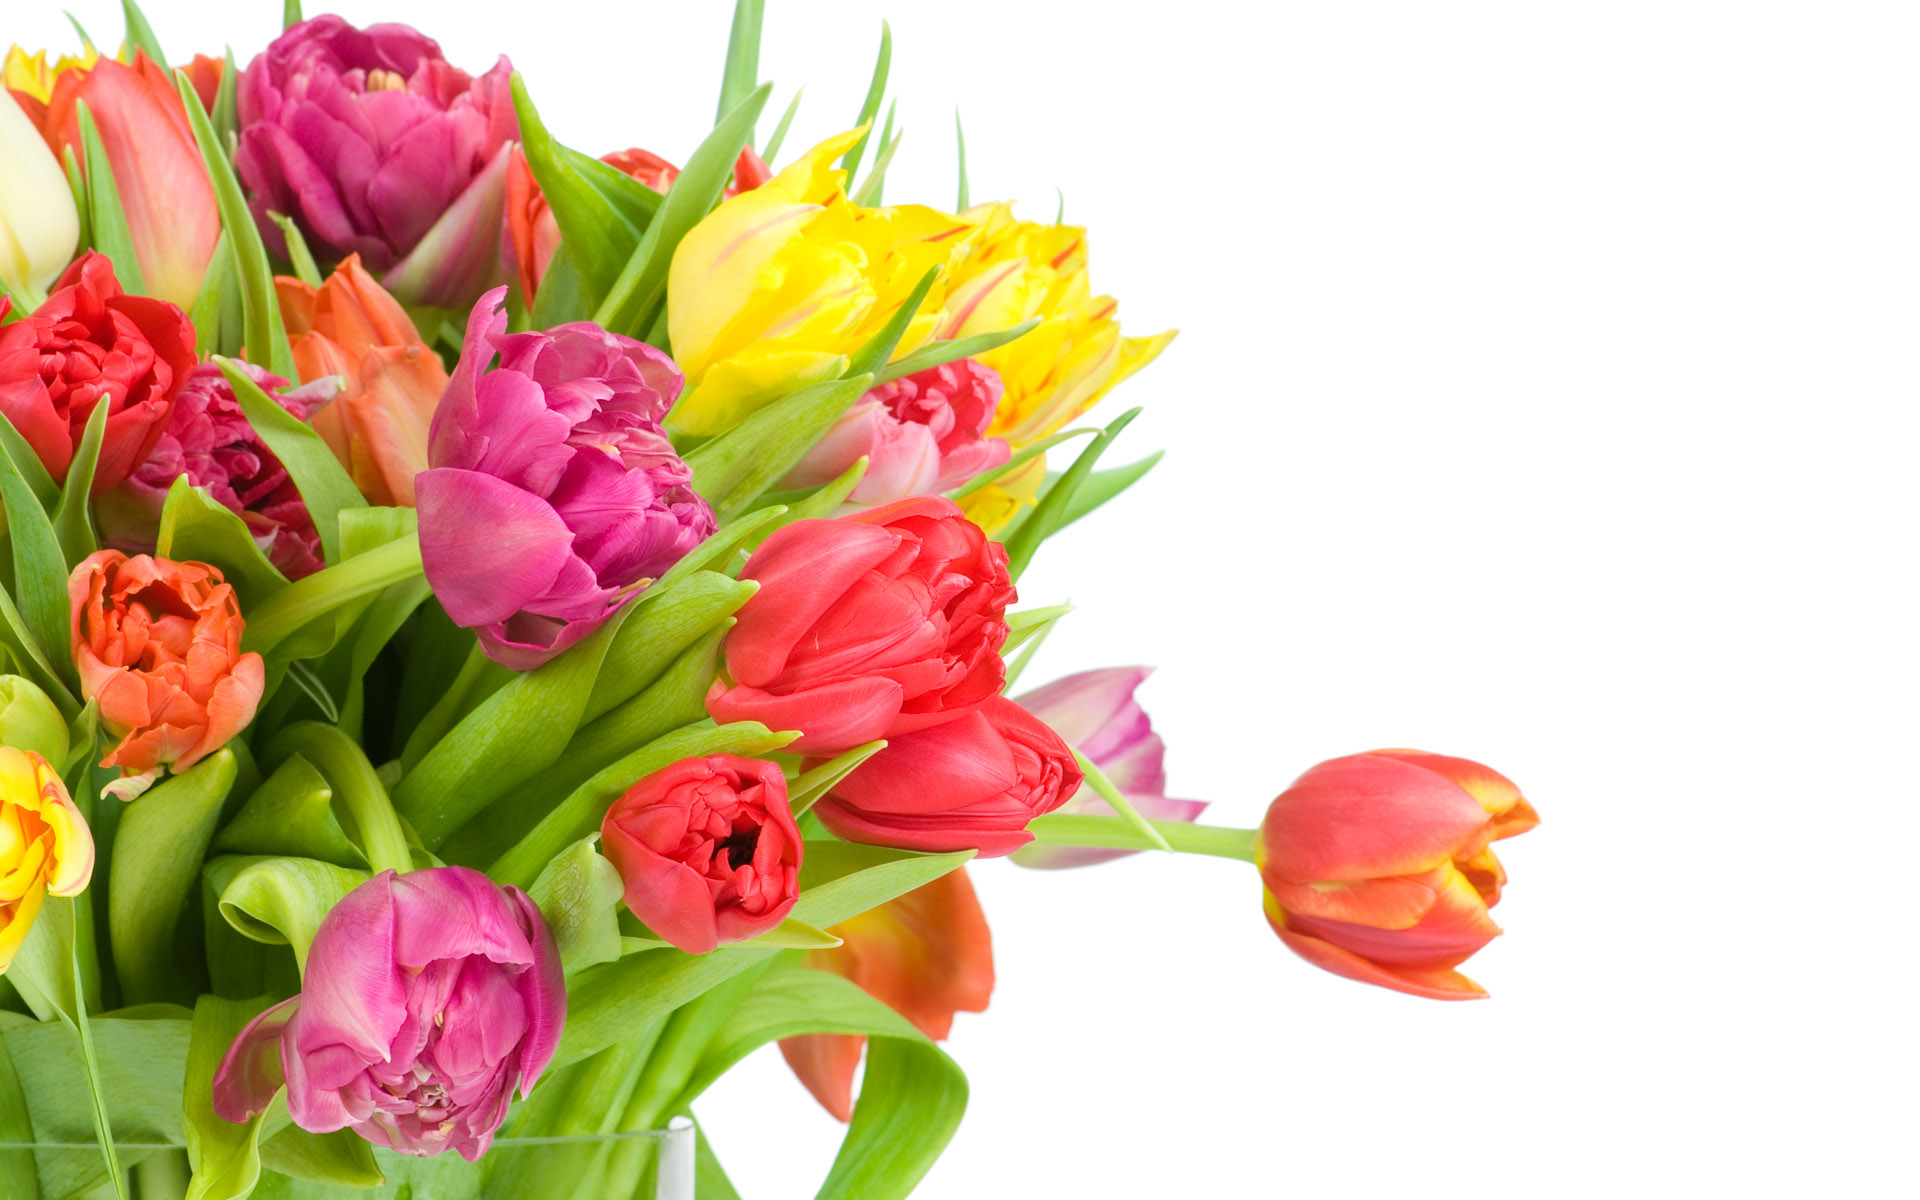 دسته رنگارنگ گل های لاله